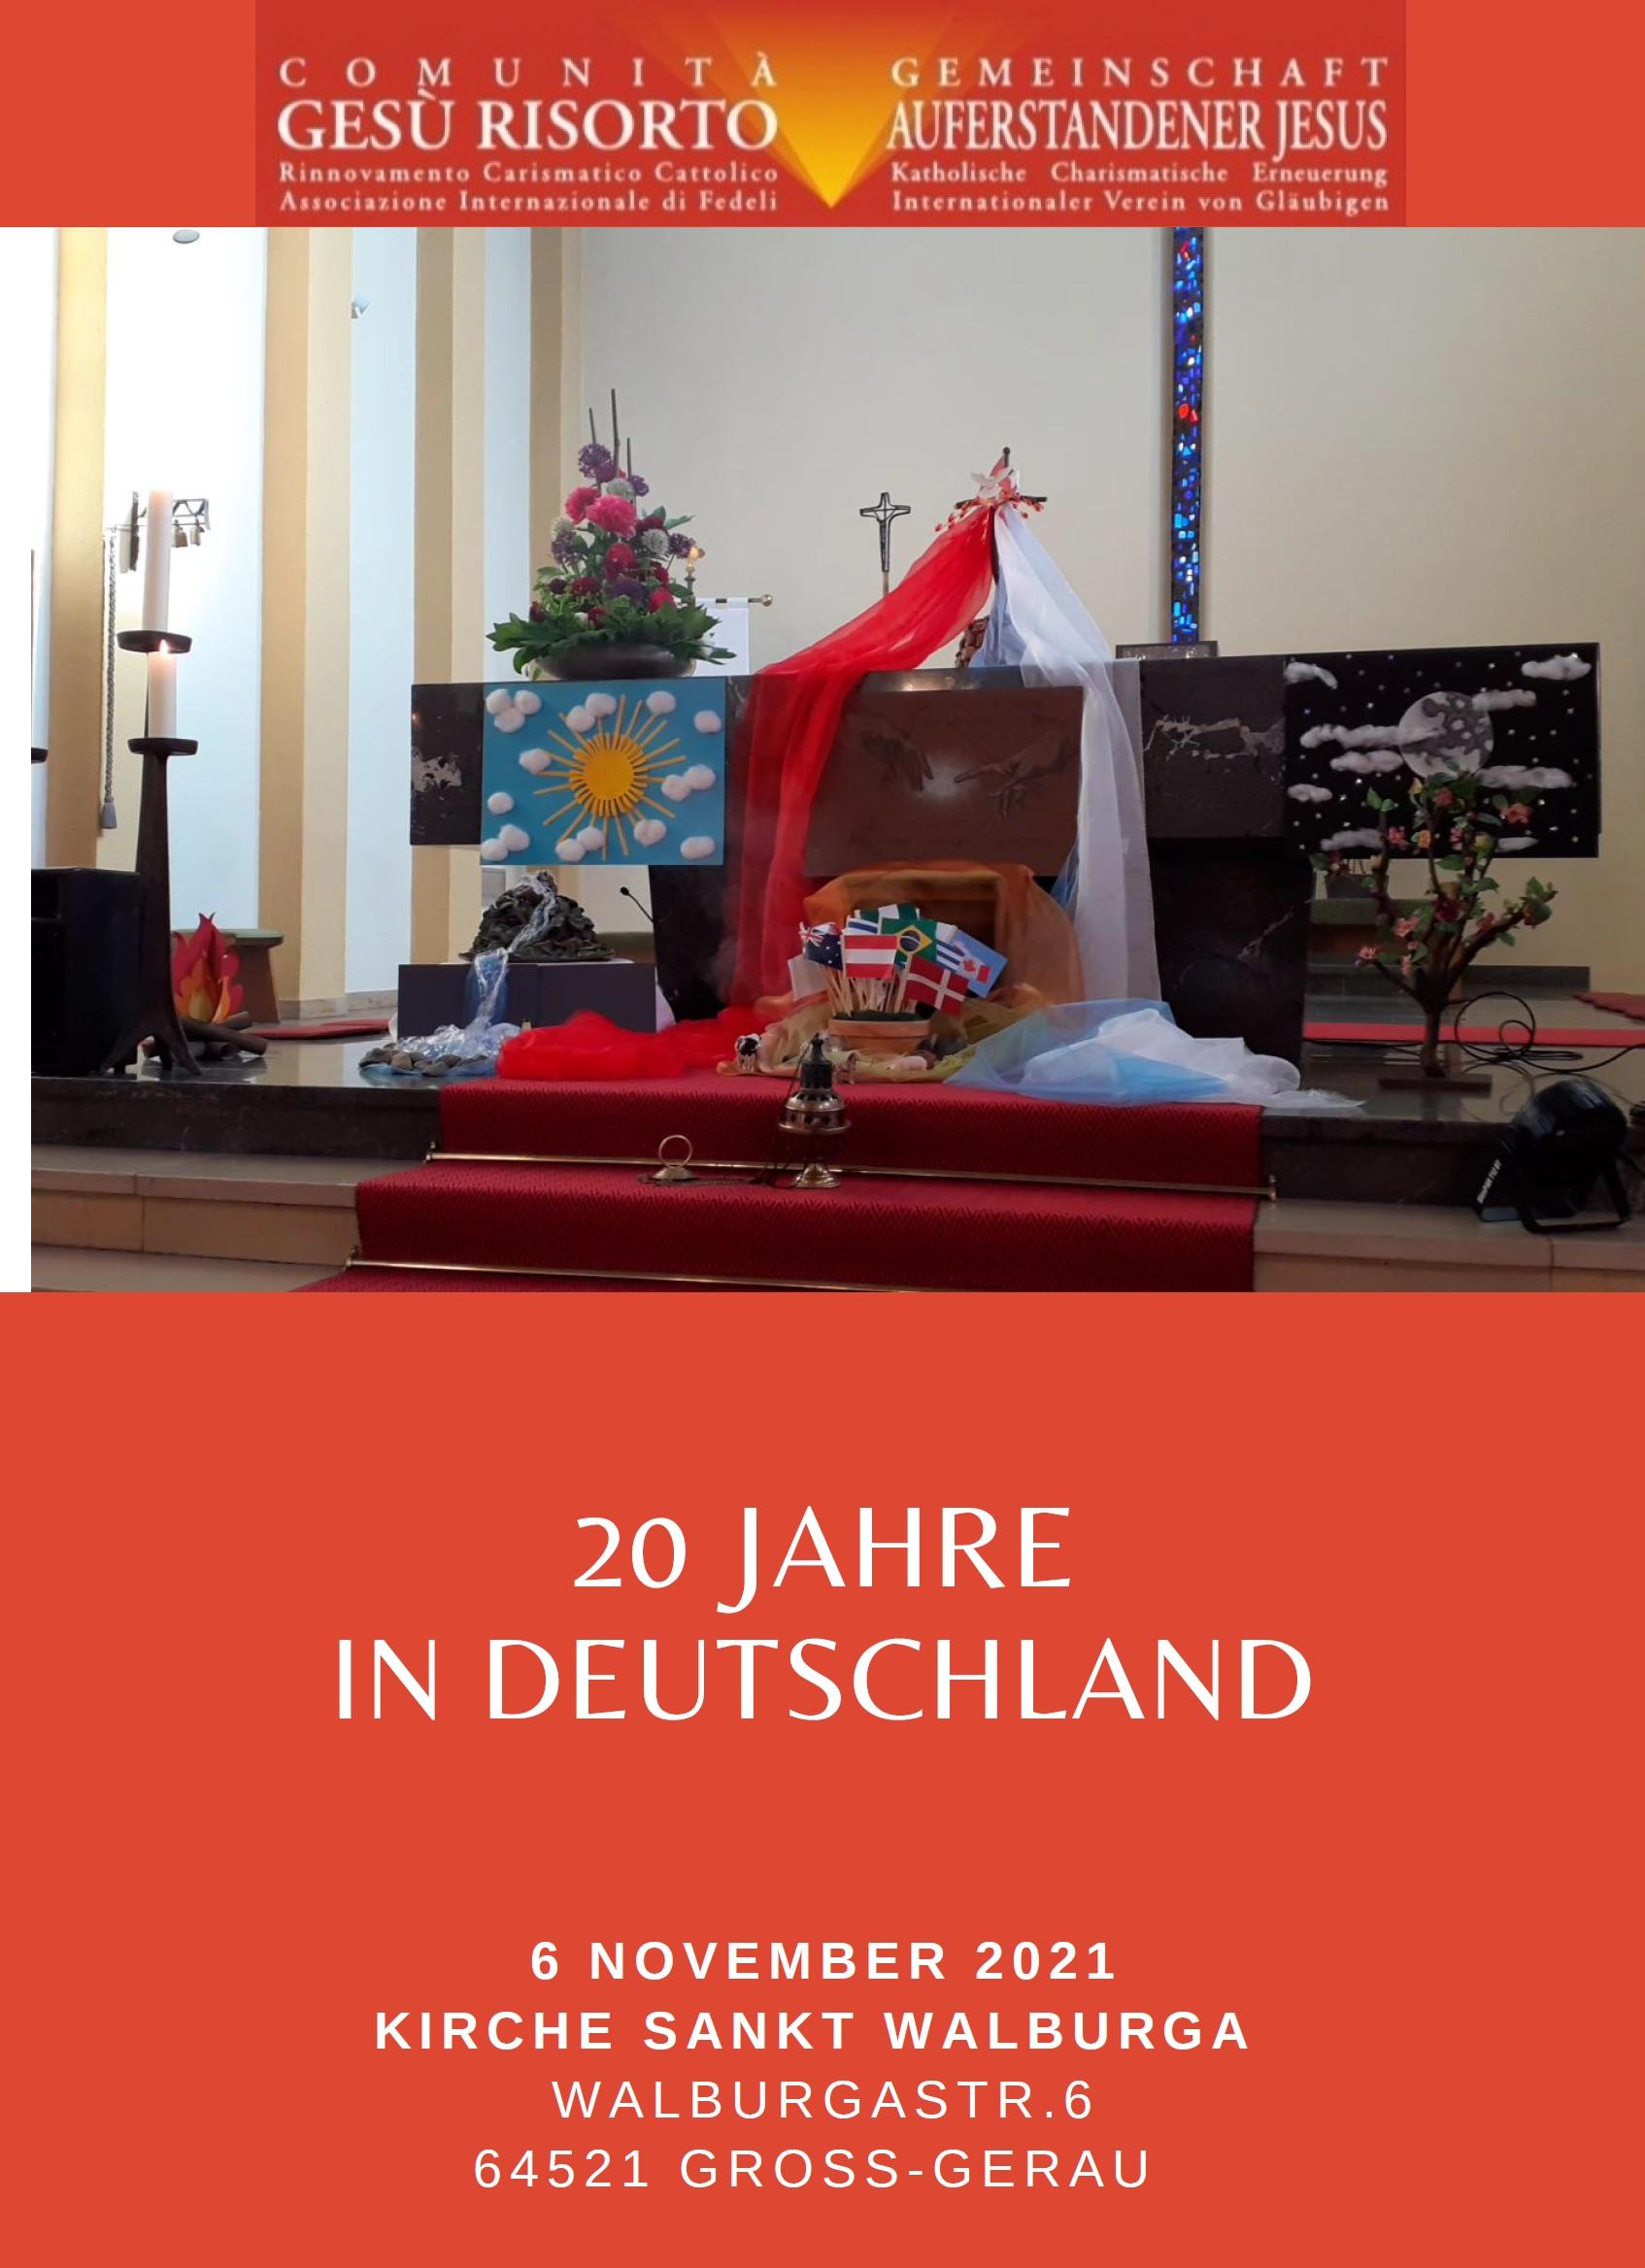 20-jähriges Jubiläum der Gemeinschaft Auferstandener Jesus (Comunità Gesù Risorto)